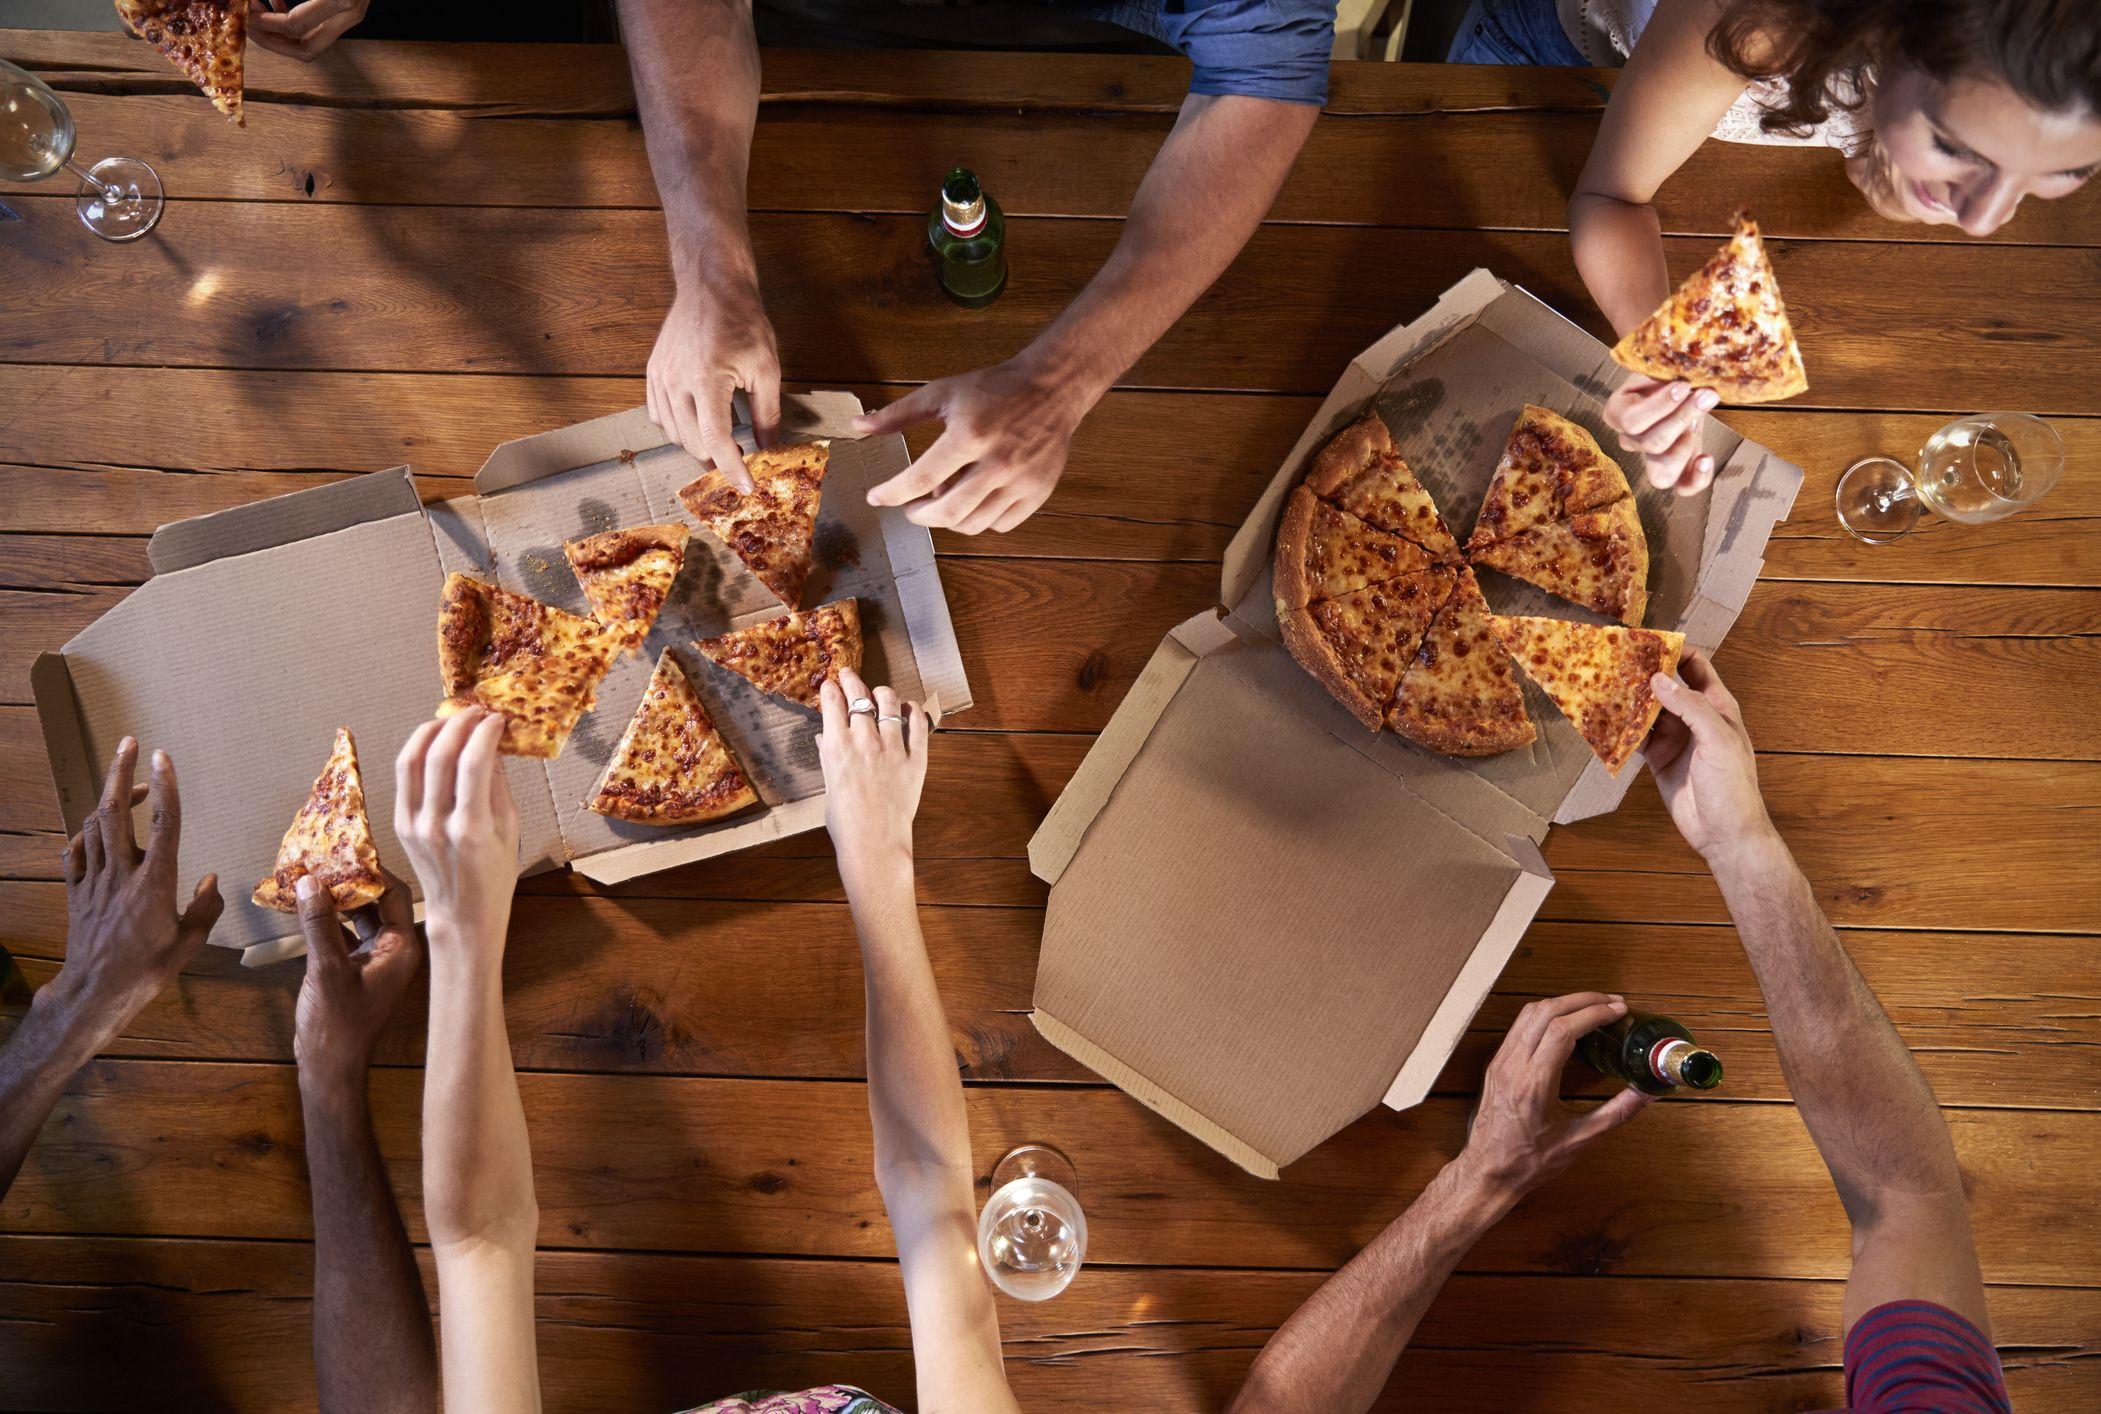 livraison gratuite à domicile de pizzas